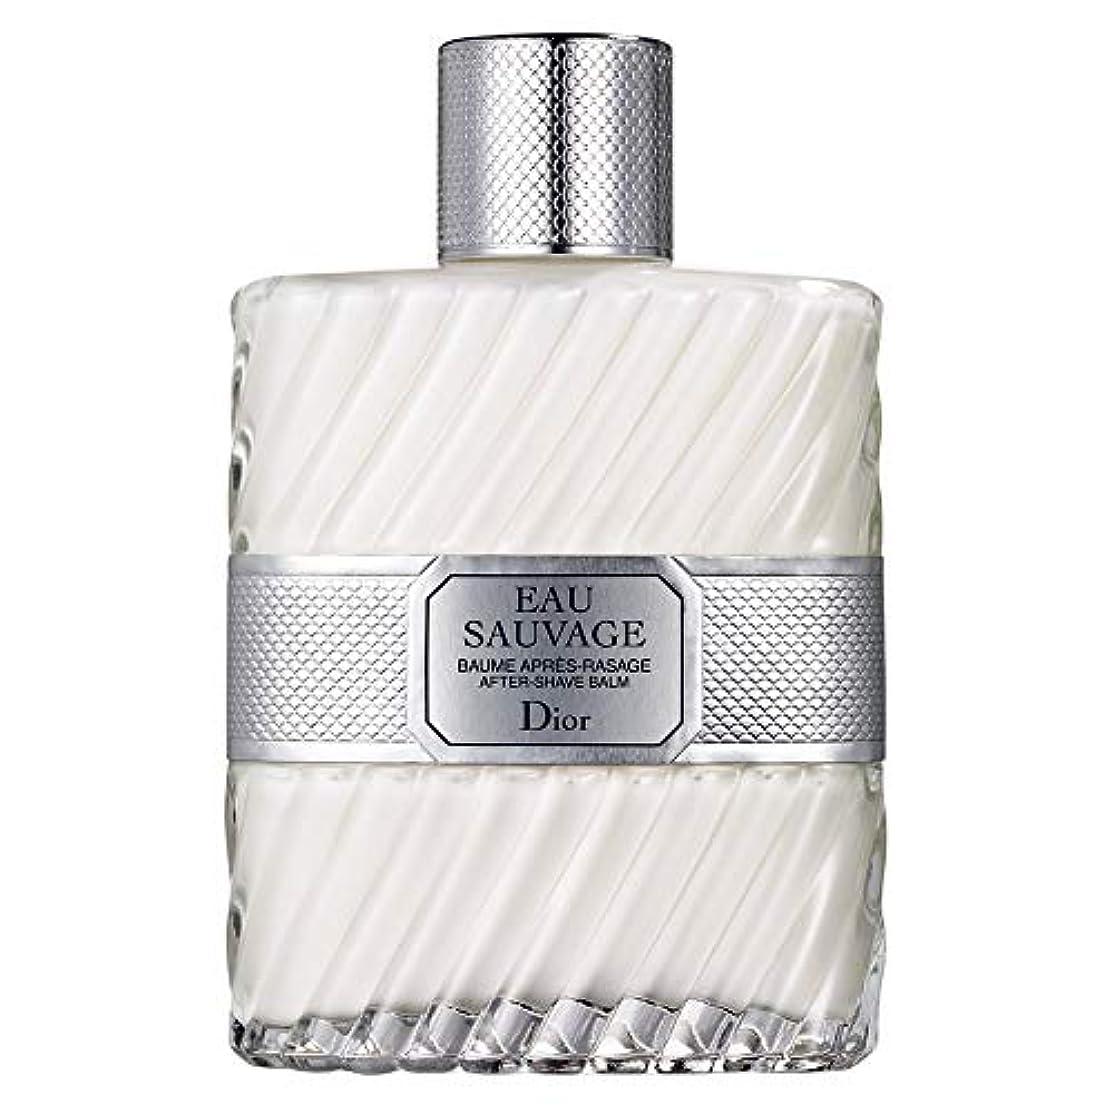 書く特に常識[Dior] バーム100ミリリットルとしてディオールオーソバージュ - Dior Eau Sauvage AS Balm 100ml [並行輸入品]